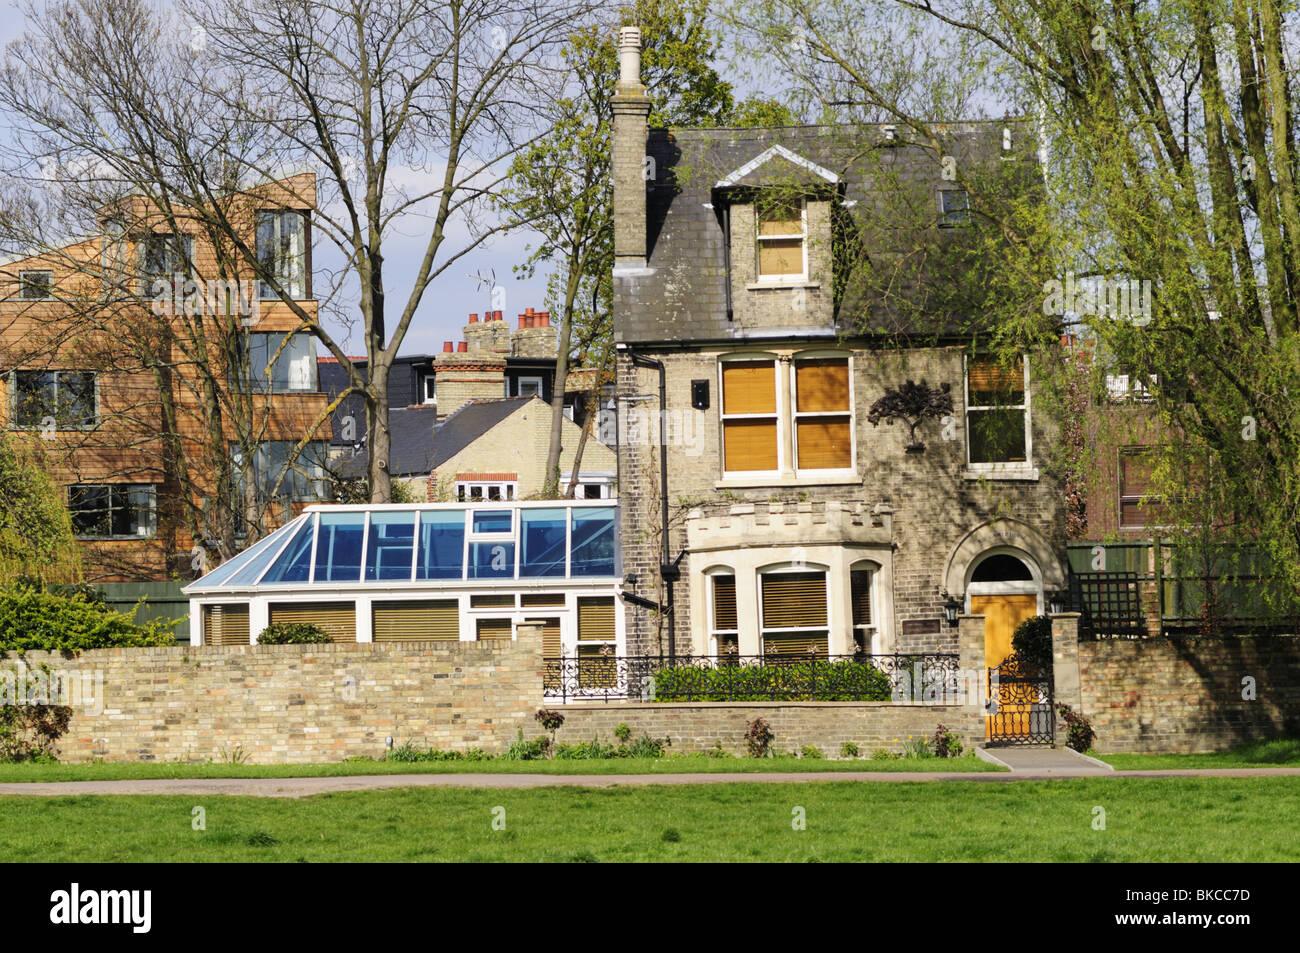 Midsummer House Restaurant Cambridge midsummer house restaurant on midsummer common, cambridge